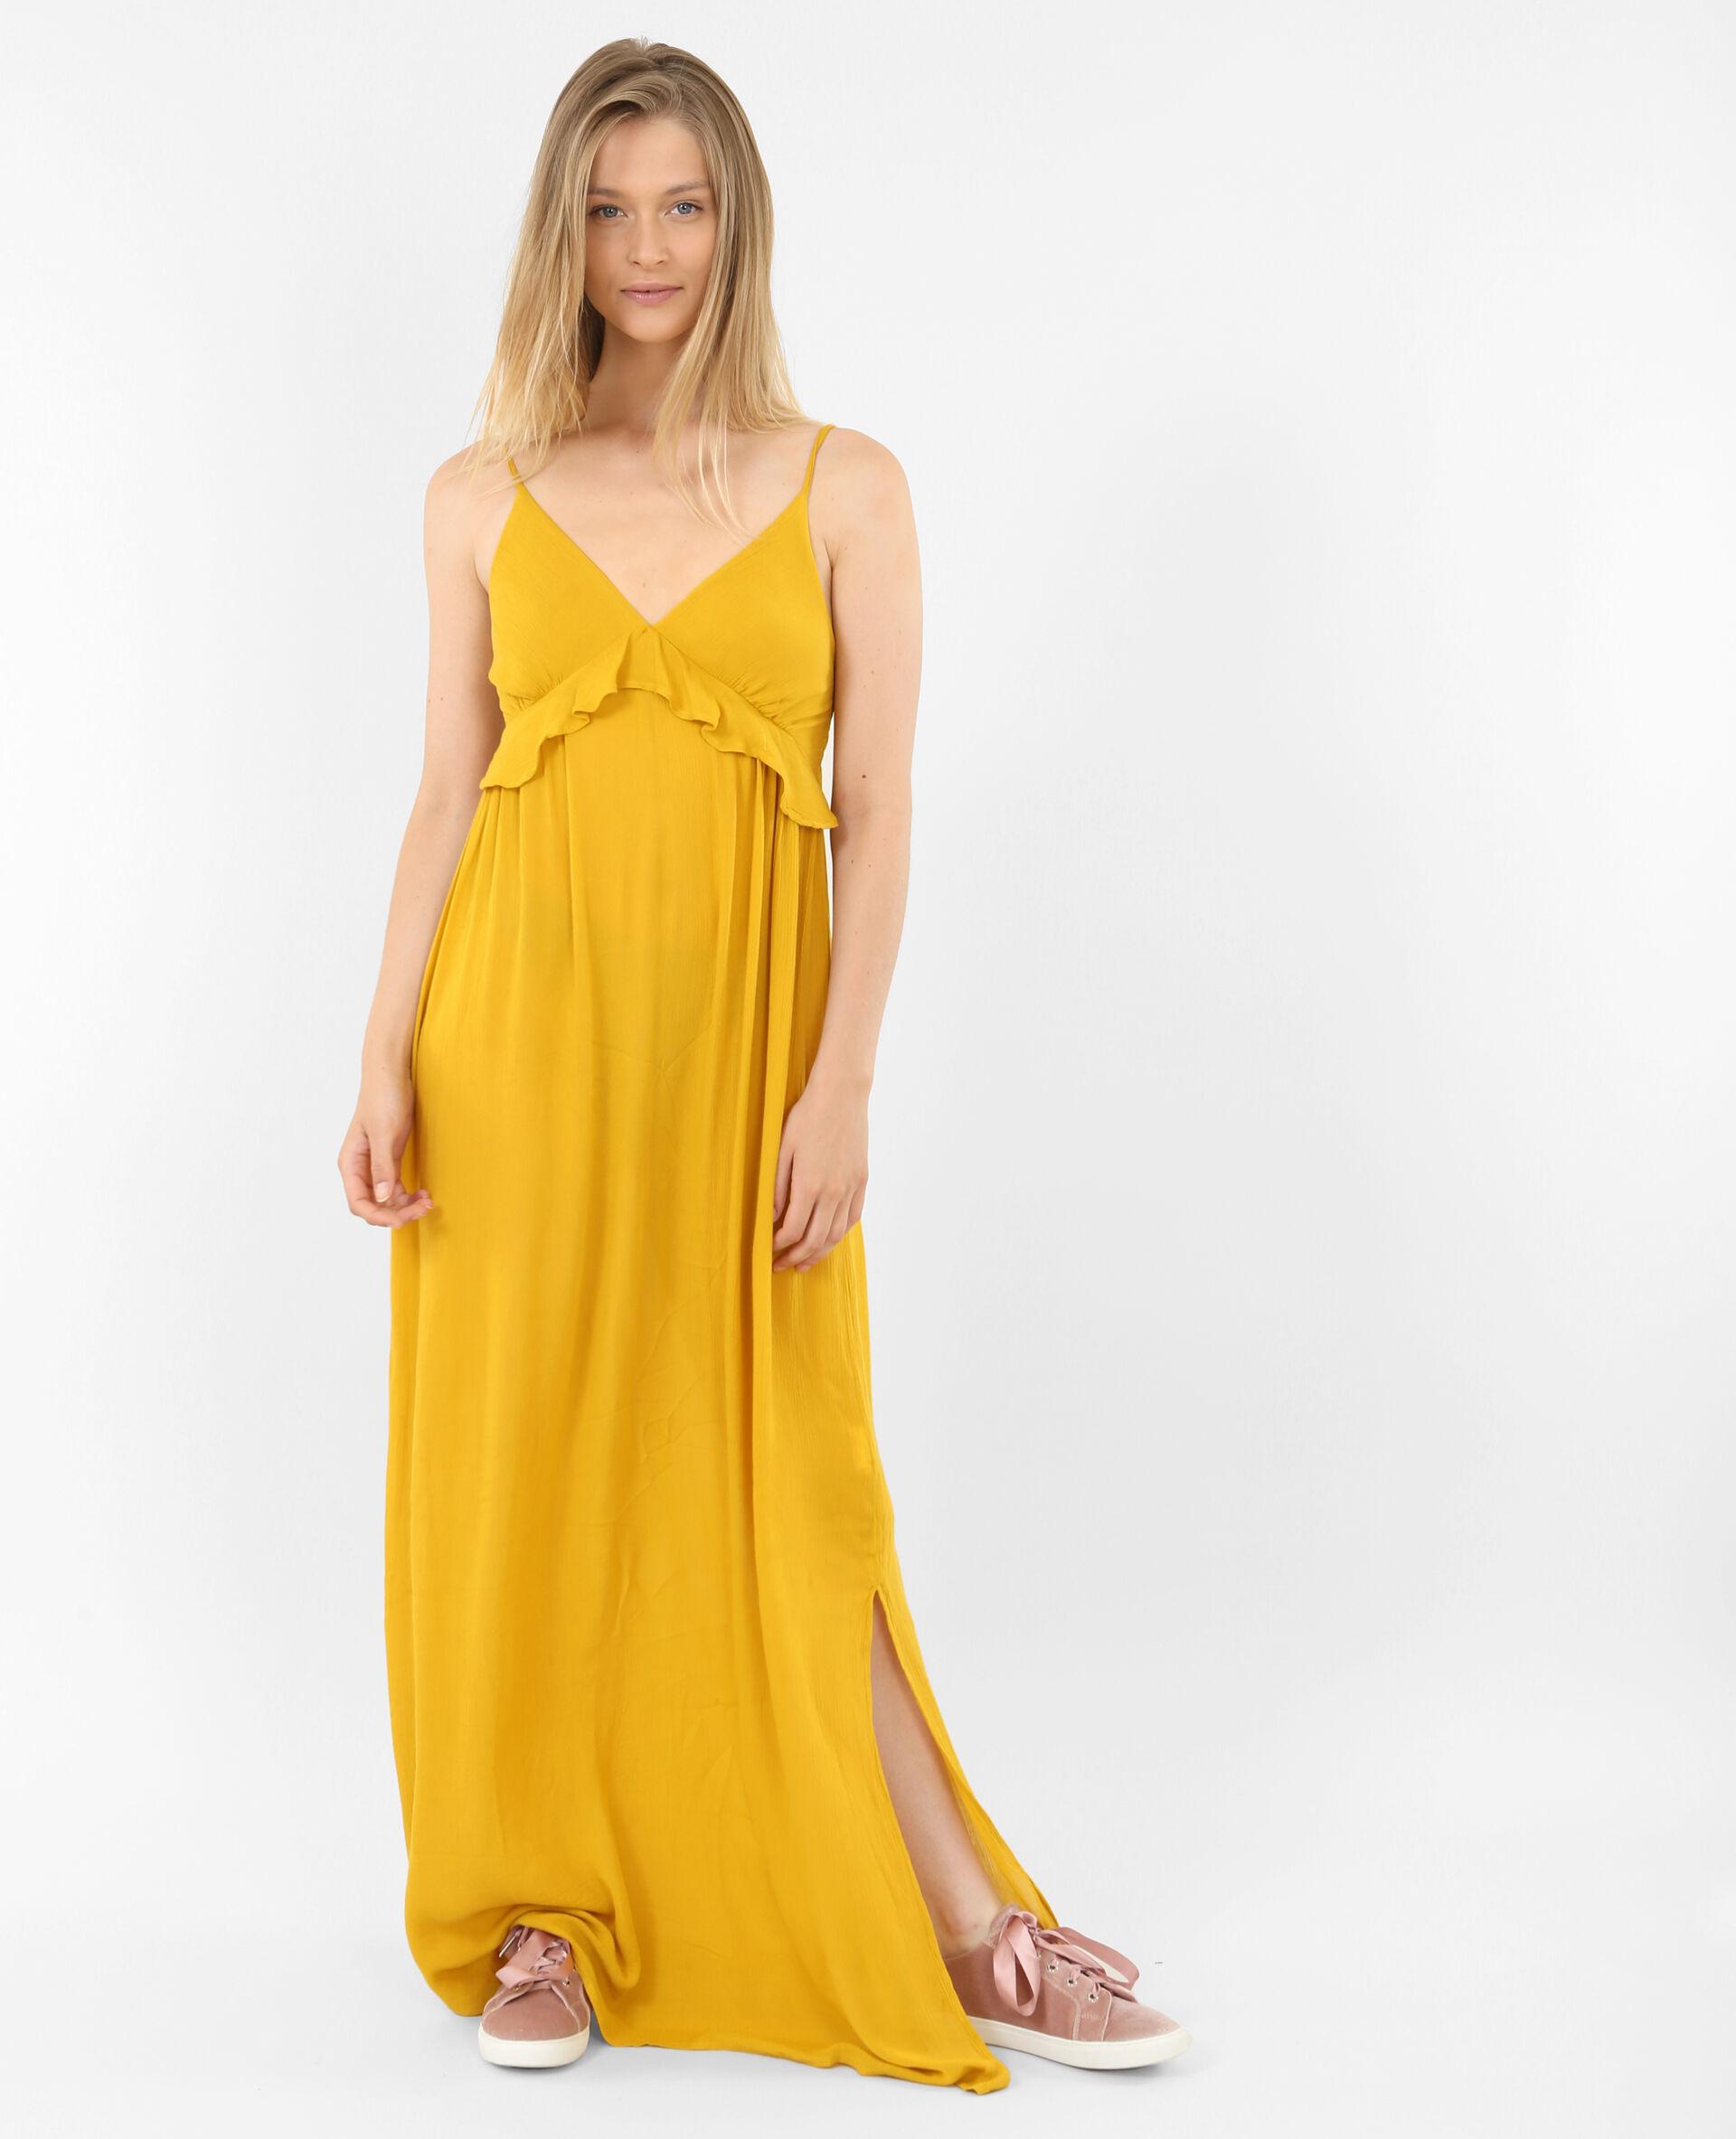 Robe pimkie jaune